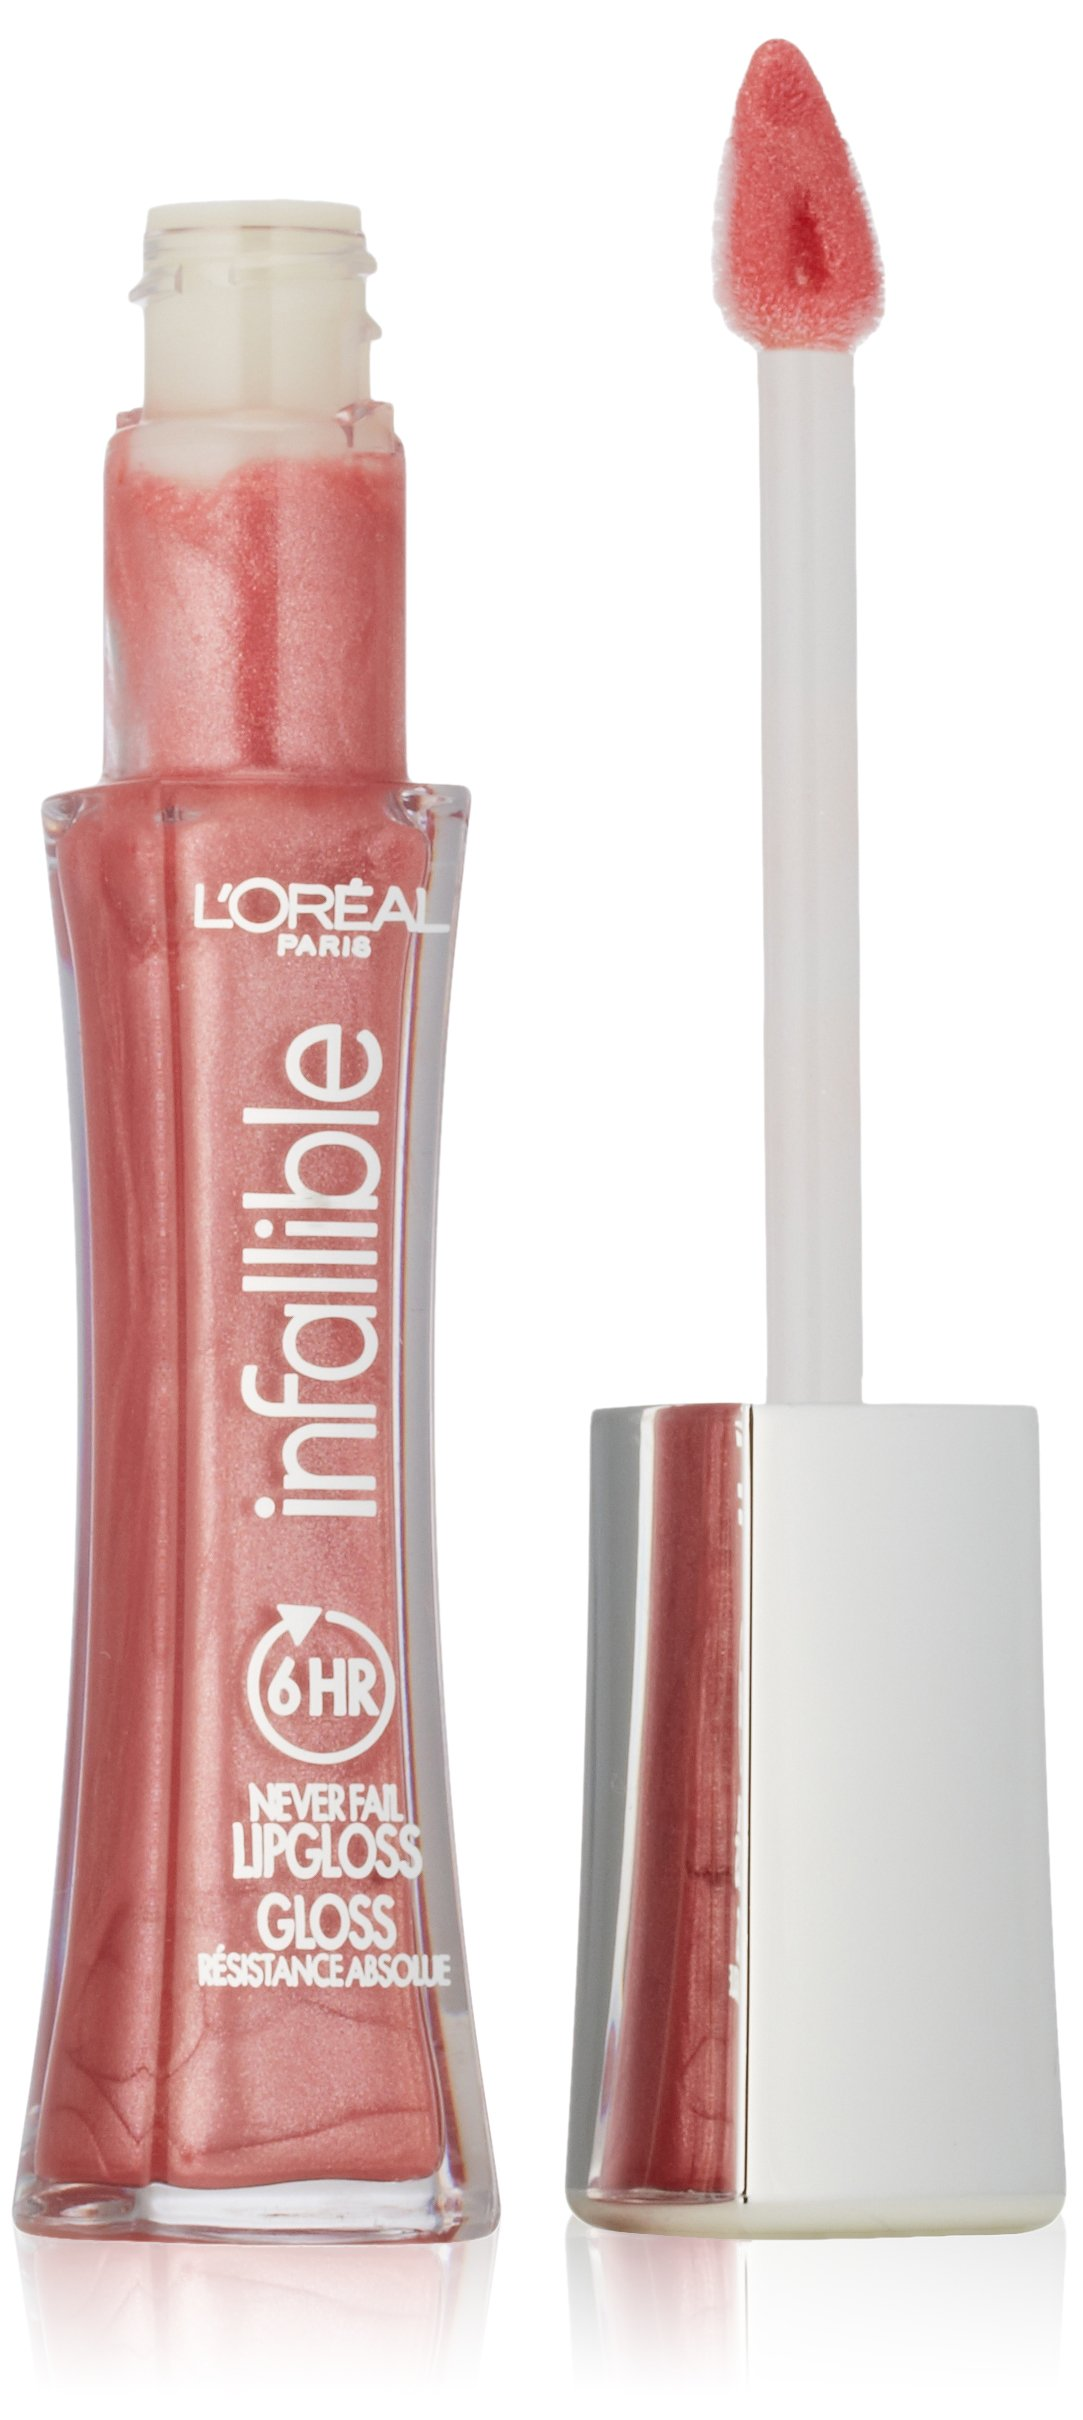 L'Oréal Paris Infallible 8 HR Pro Gloss, Blush, 0.21 fl. oz.